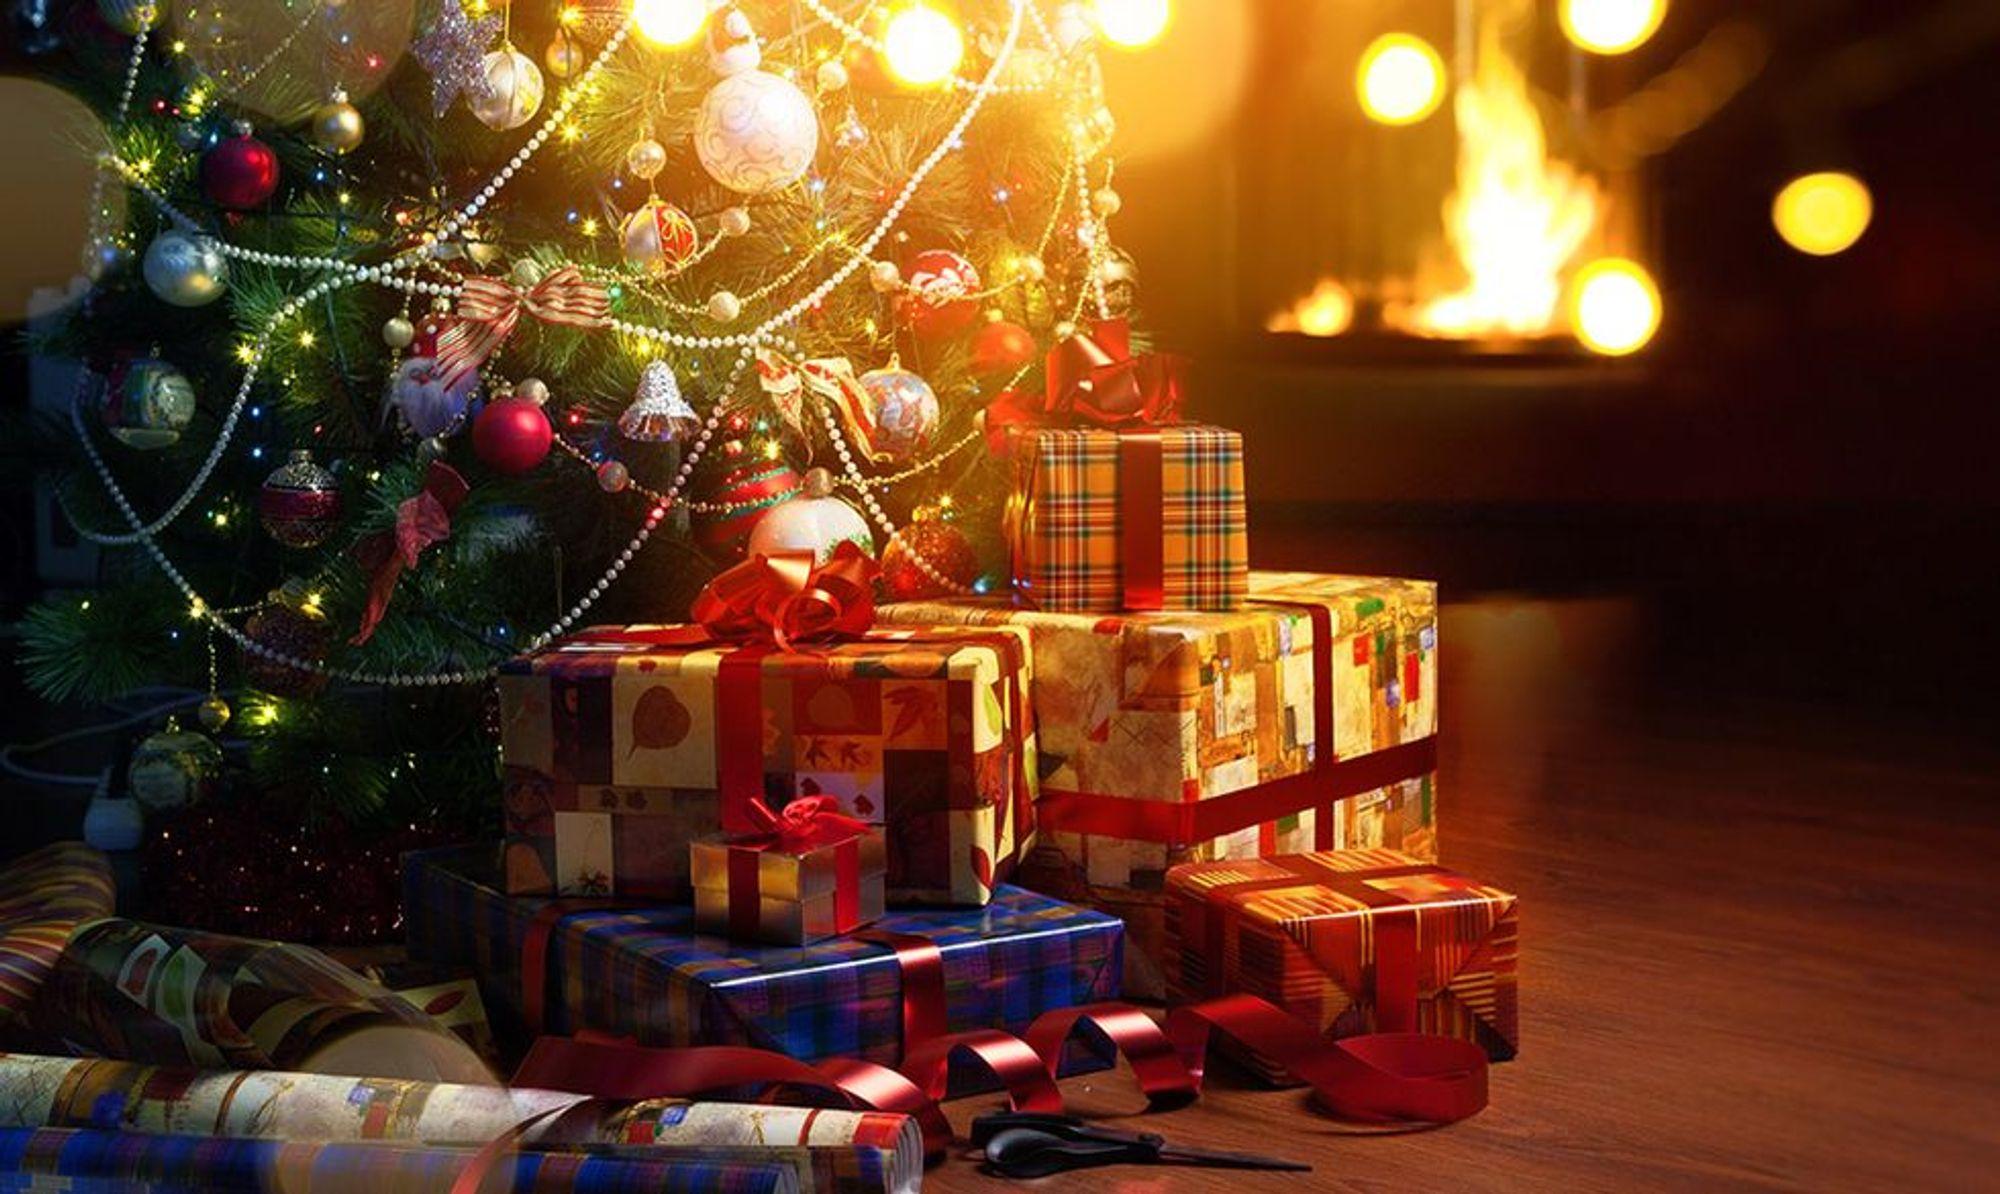 Idee Regalo Natale Basso Prezzo.Natale 40 Idee Regalo Tecnologiche Per Tutte Le Tasche Panorama